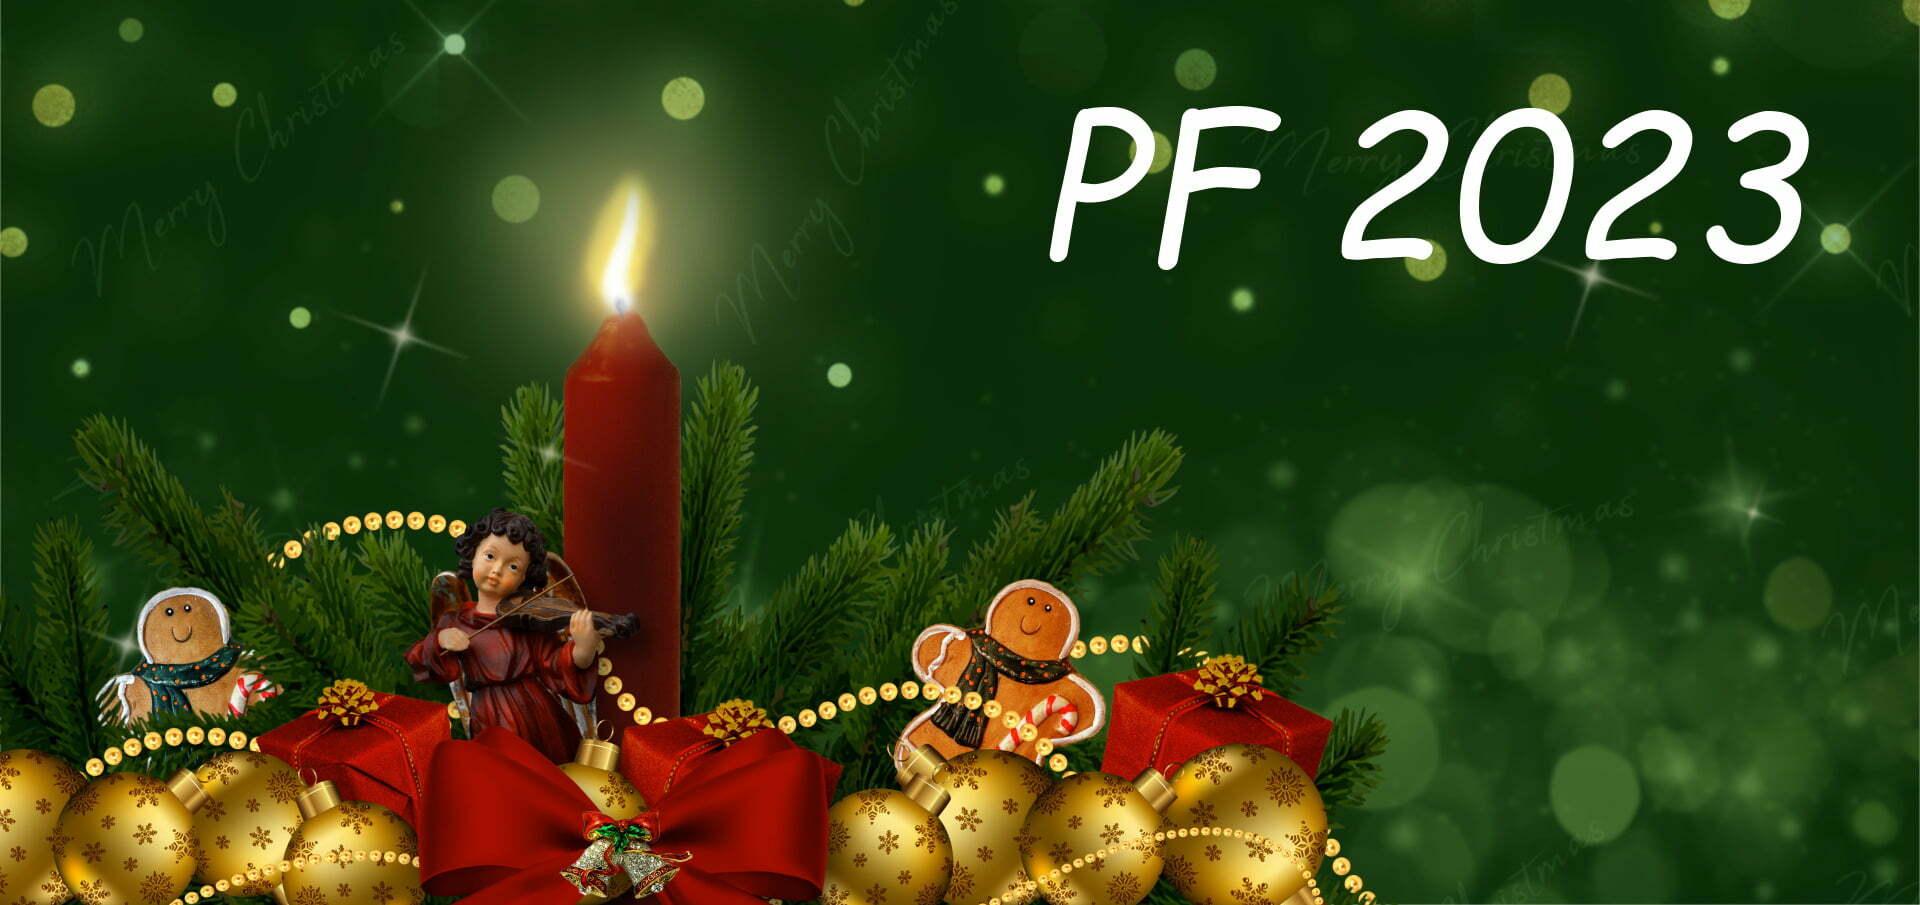 Novoroční přání ke stažení PF 2022 vánoční motiv